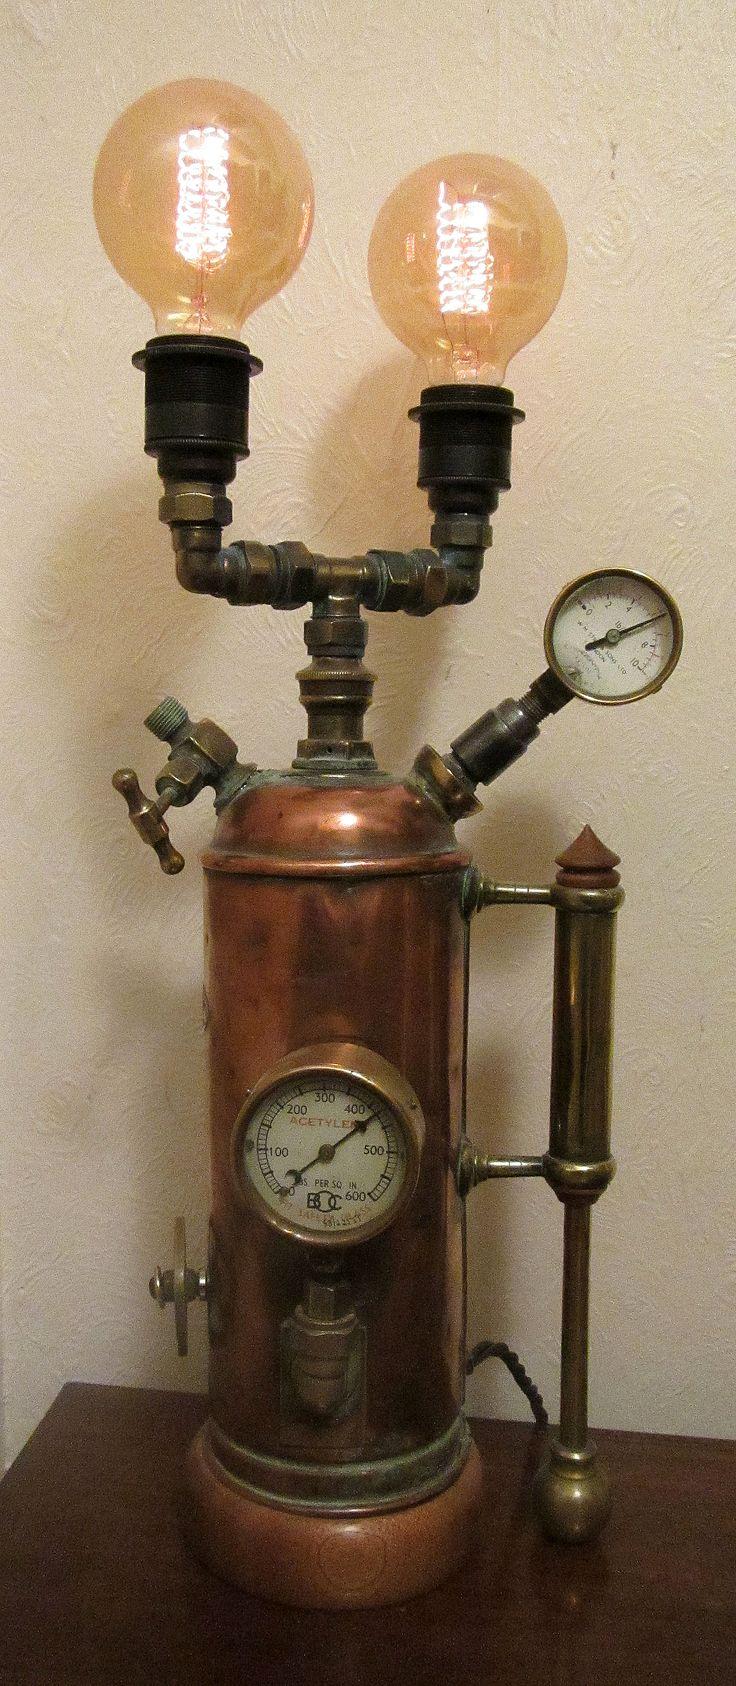 Steampunk lamp by John Grimshaw.